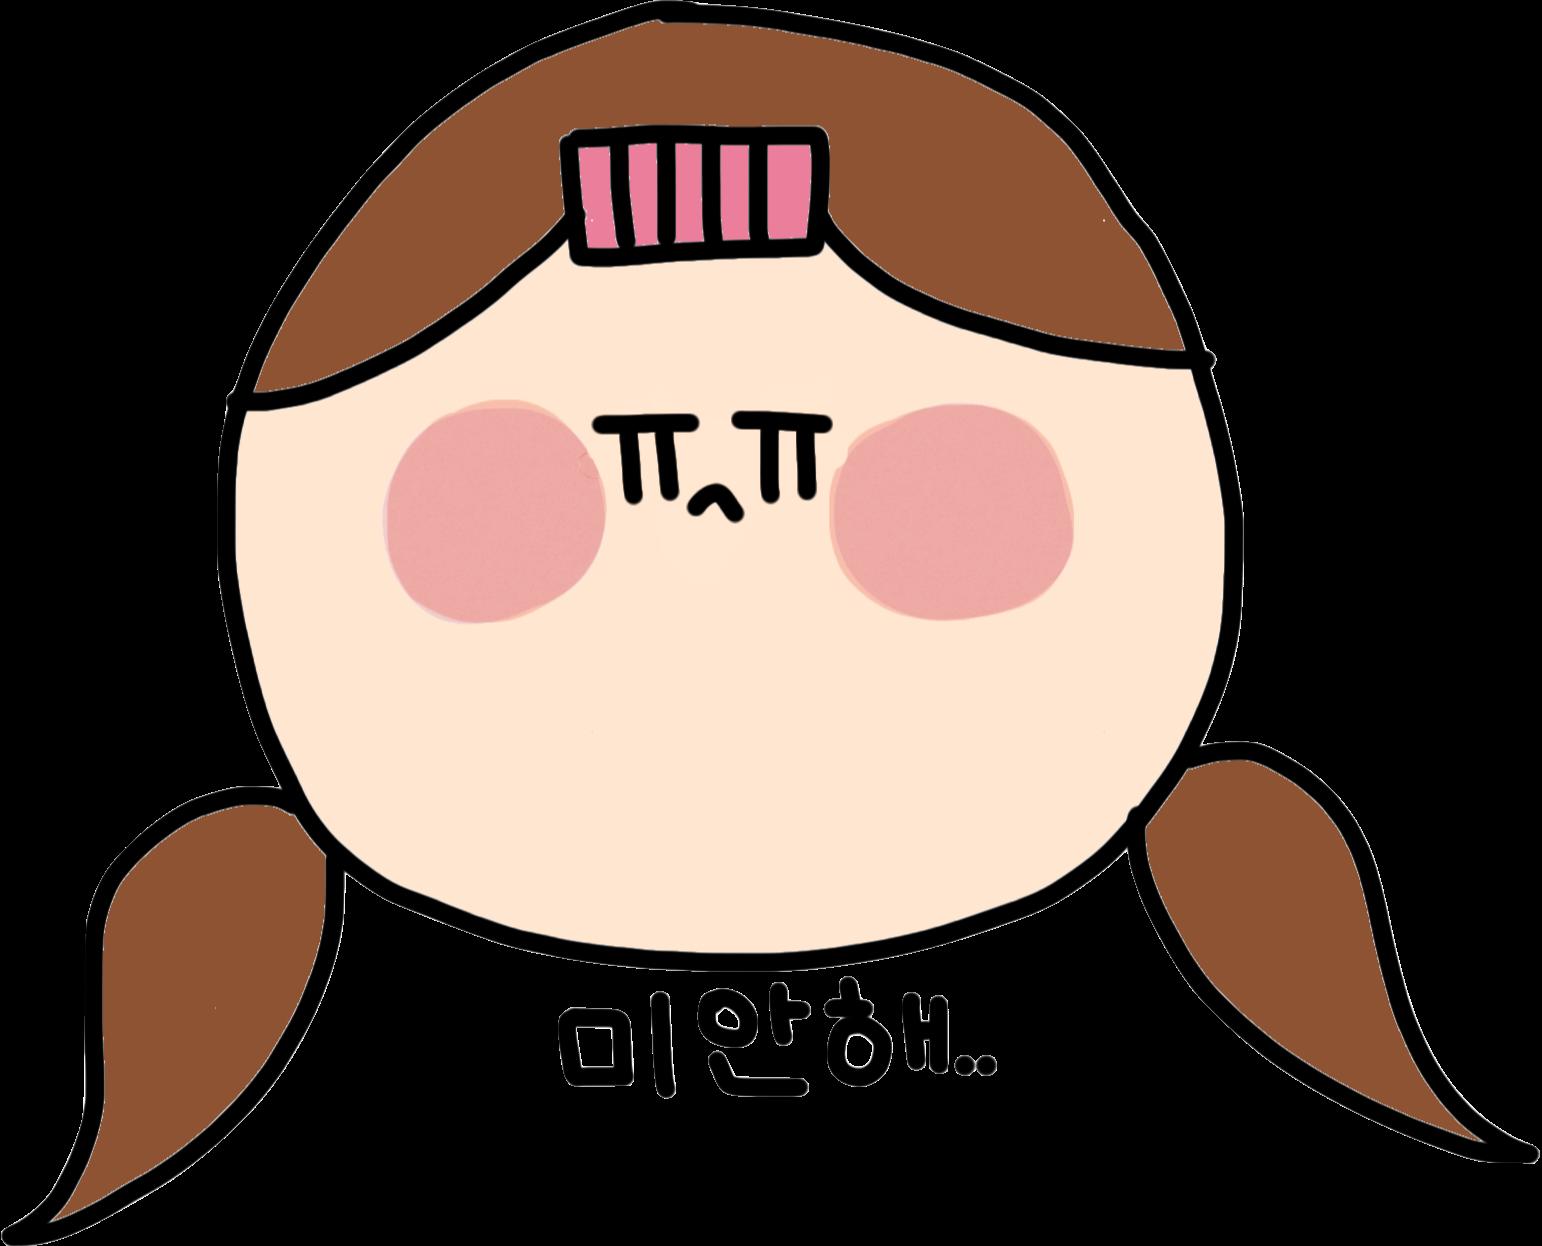 내친구 라미 - My friend, Lami messages sticker-11